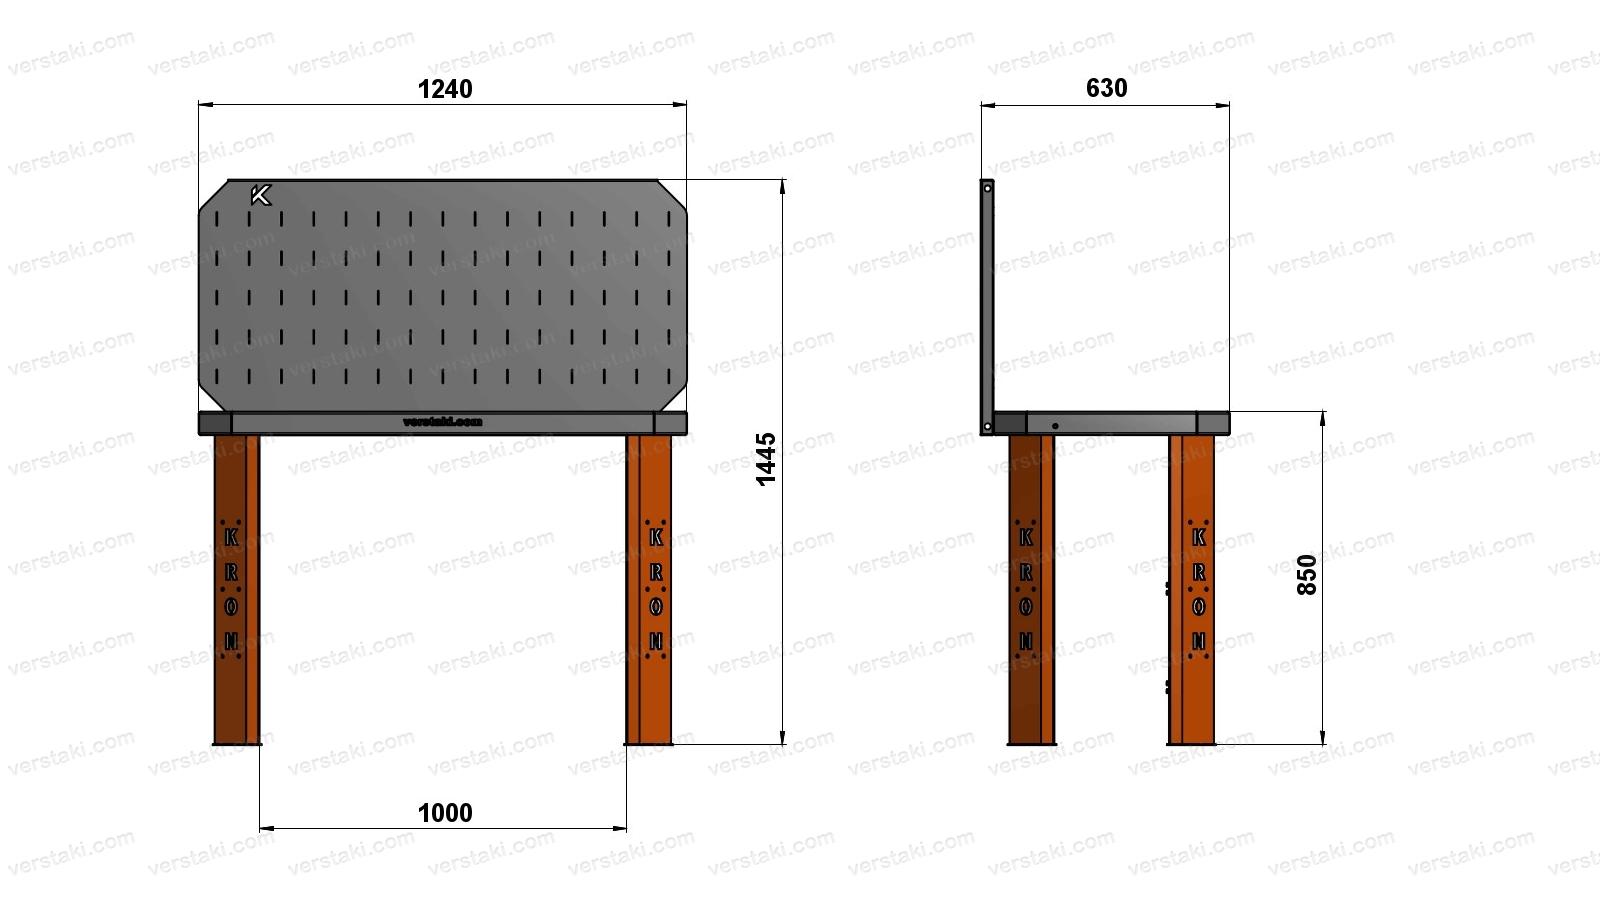 Чертеж слесарного верстака шириной 1240 мм вместе с экраном